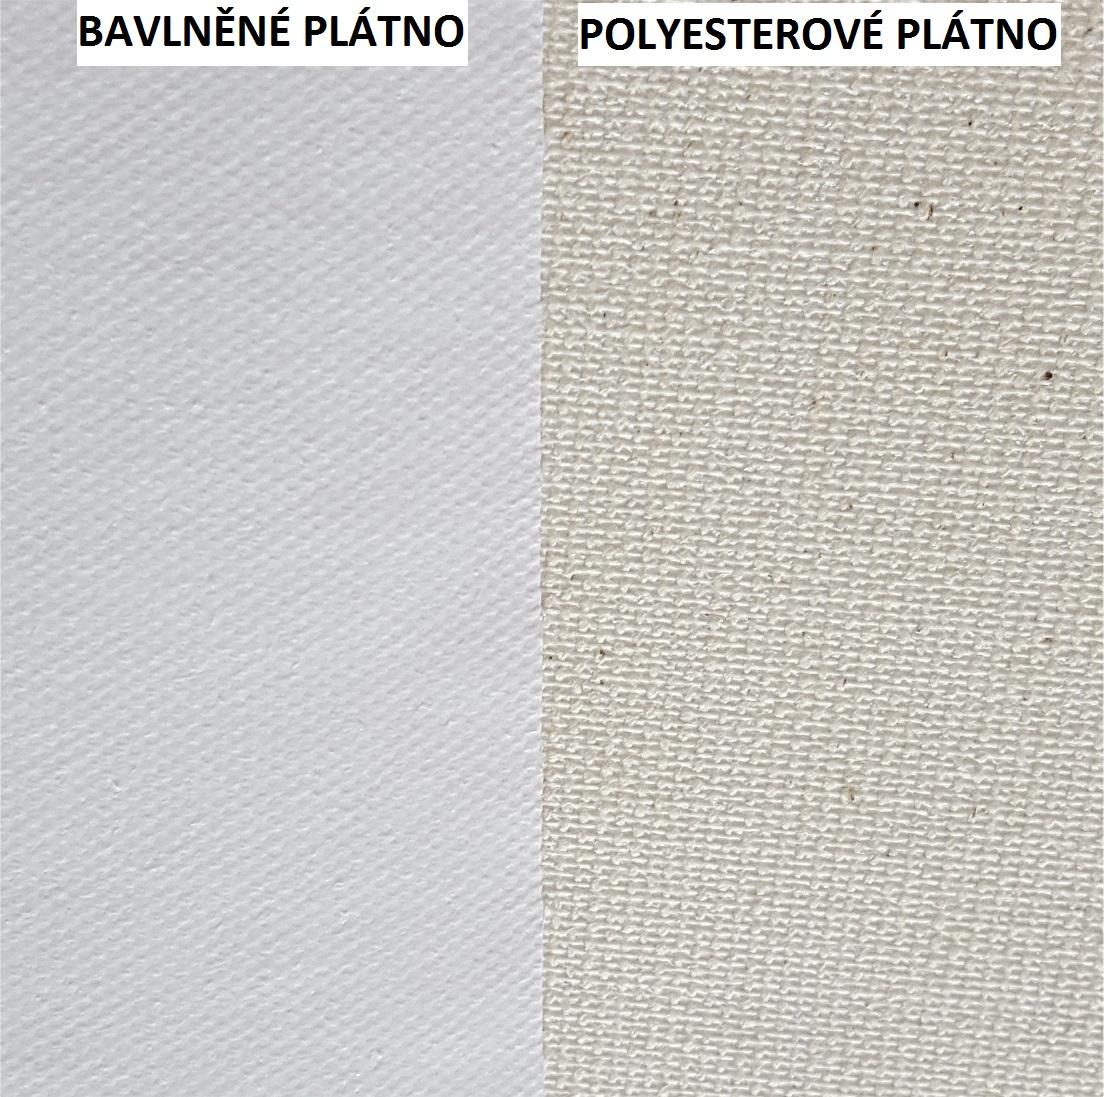 Srovnání struktury a barevnosti obou typů pláten vidíte na obrázku.